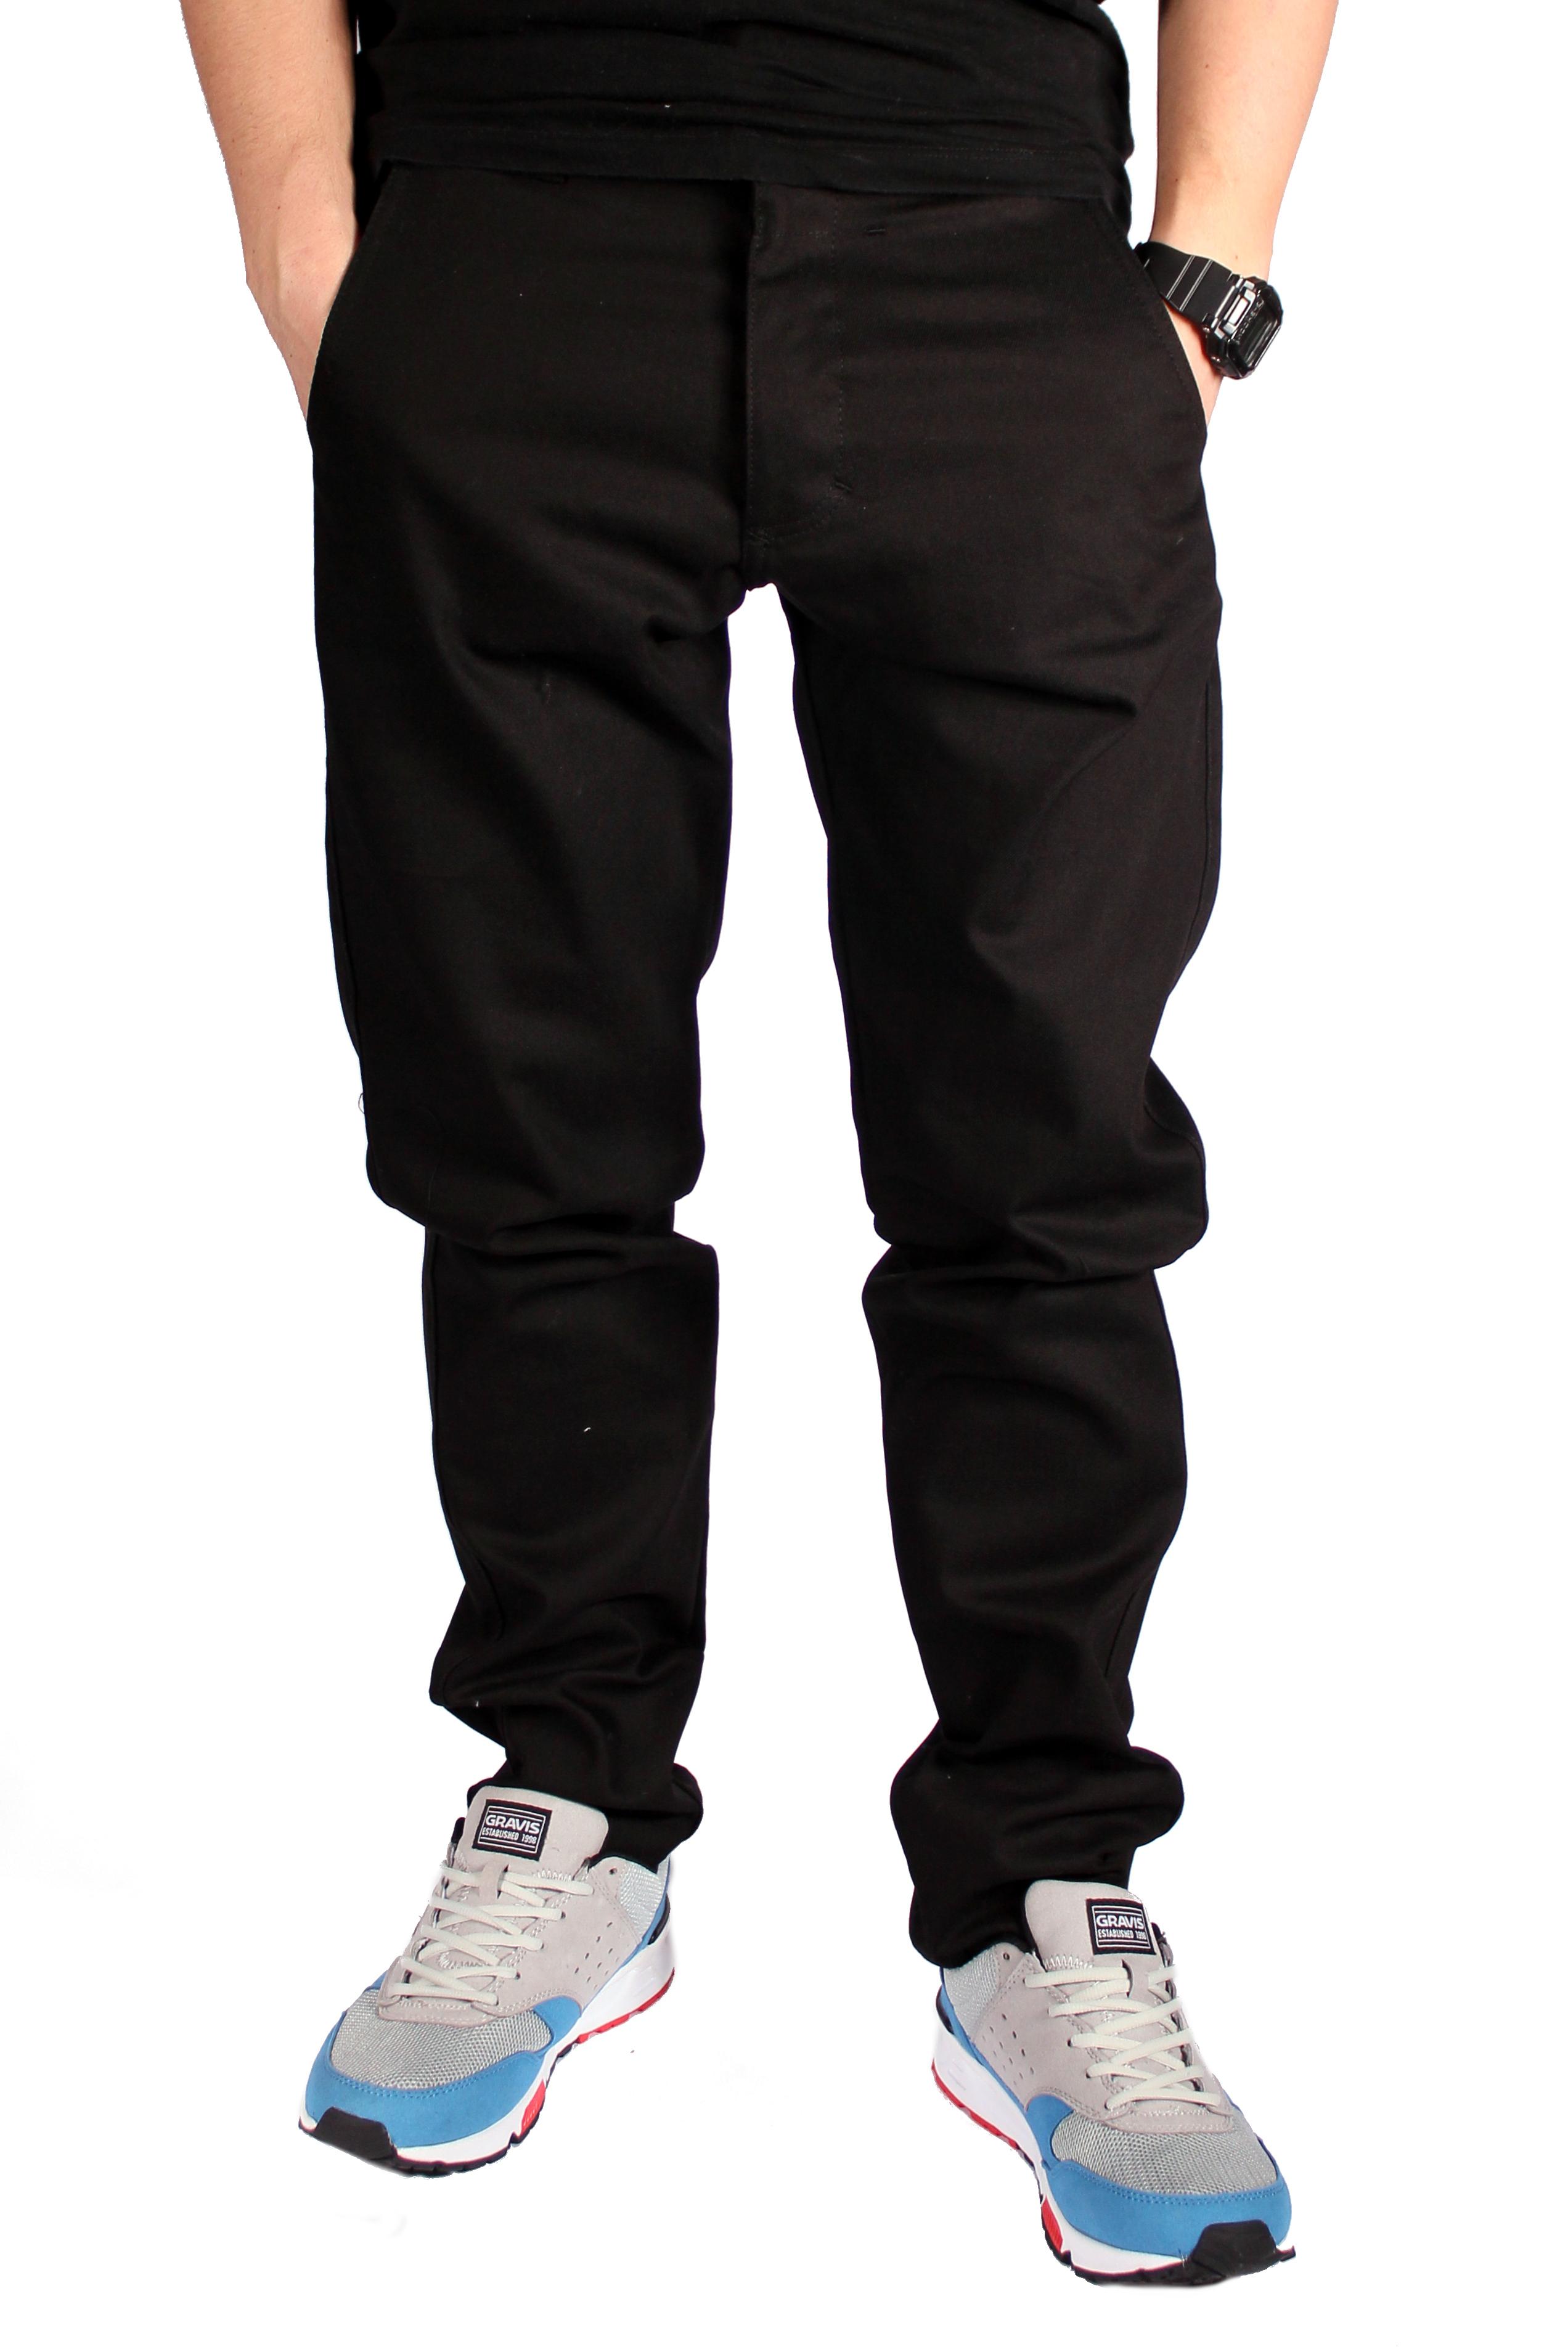 Spodnie Turbokolor Chinos Slimfit (Black)